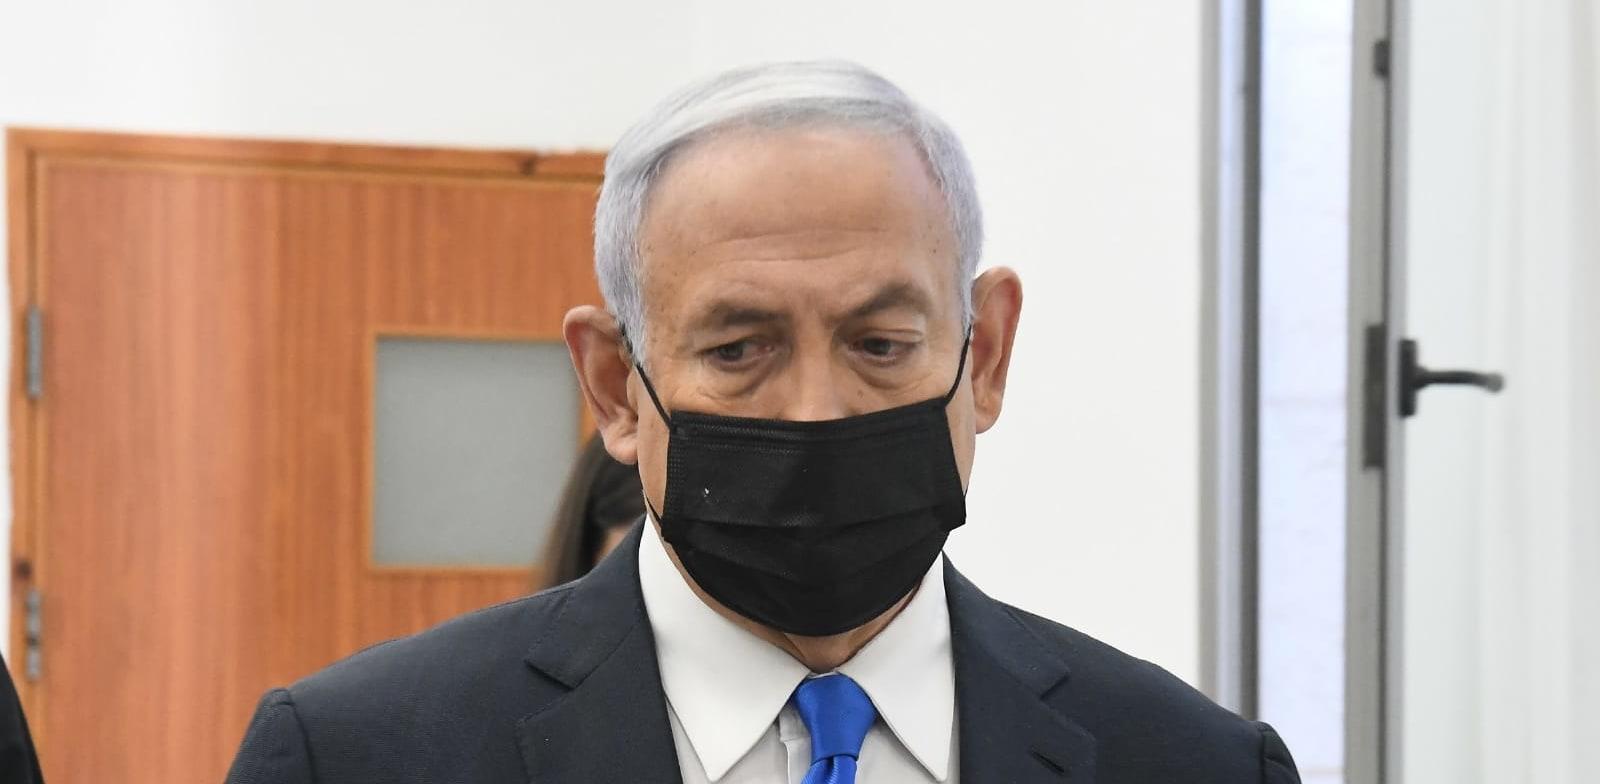 ראש הממשלה בנימין נתניהו נכנס הבוקר לדיון בבית המשפט המחוזי בירושלים / צילום: ראובן קסטרו